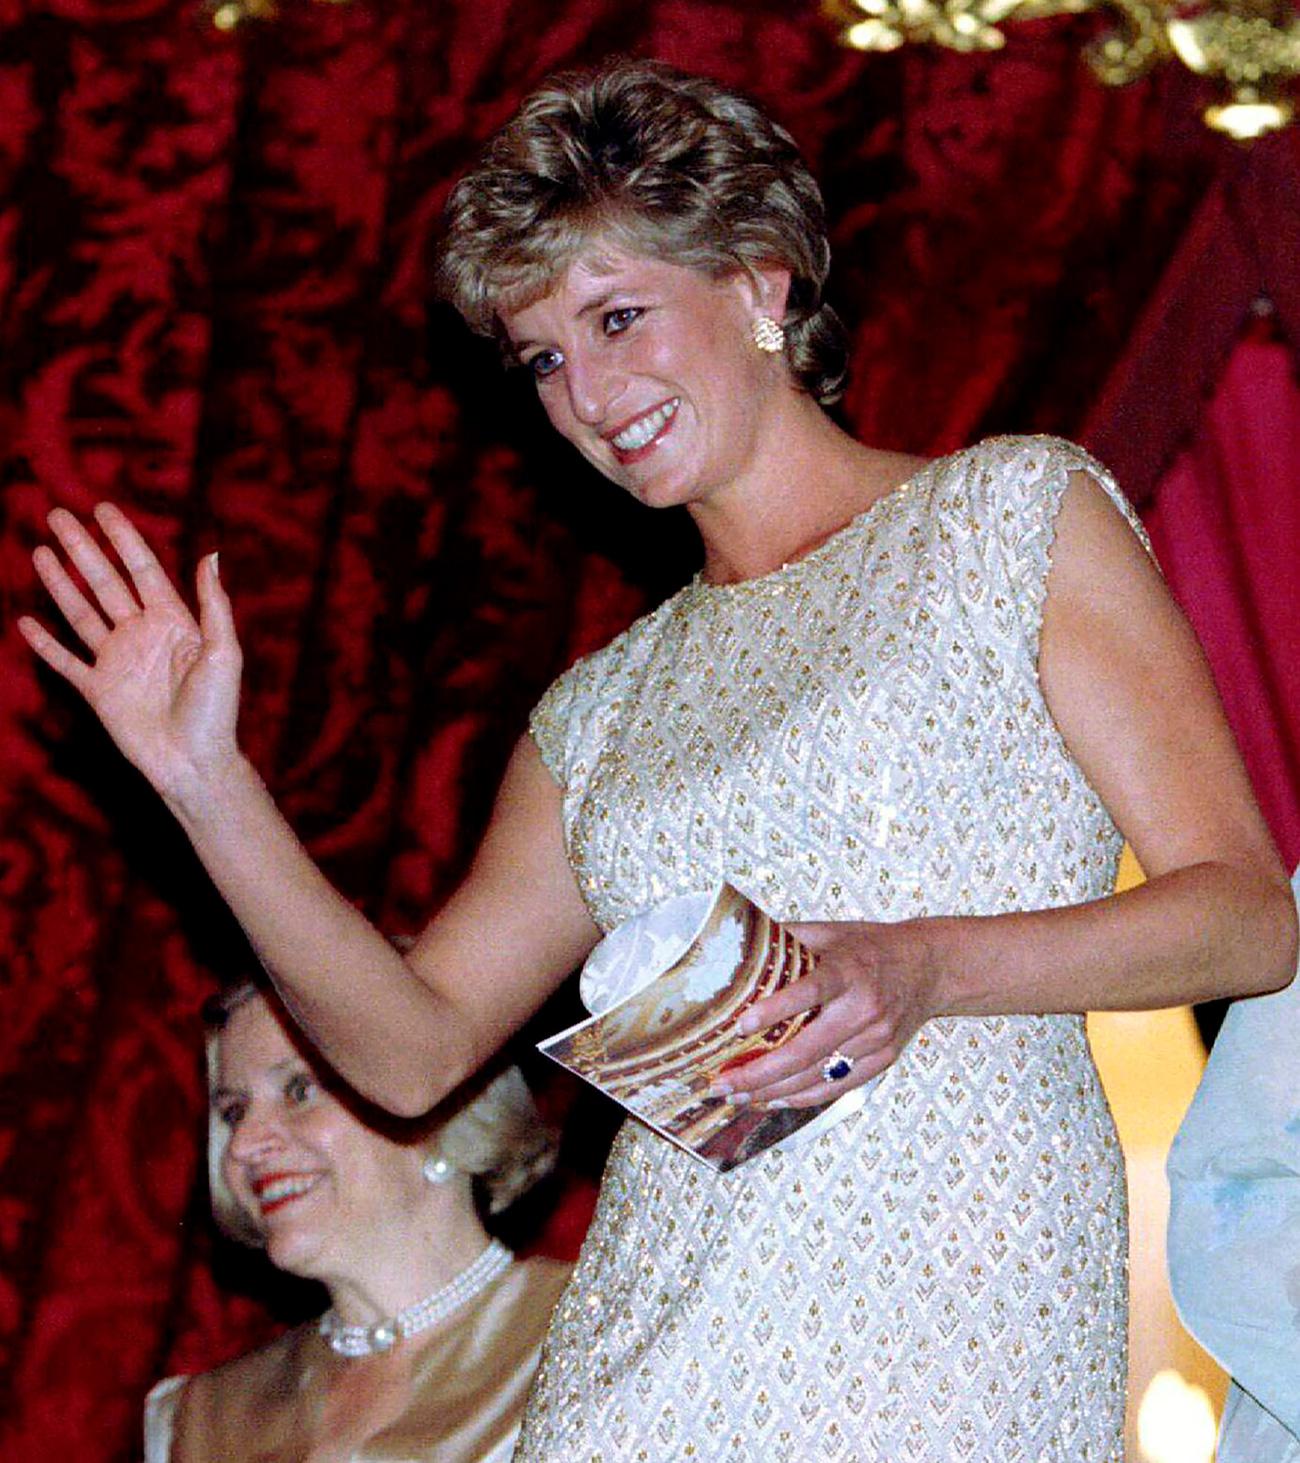 Più tardi, quella sera, la principessa andò al Teatro Bolshoj. Il pubblico l'applaudì, mentre si sedeva nel Palco reale per assistere al balletto La Sylphide